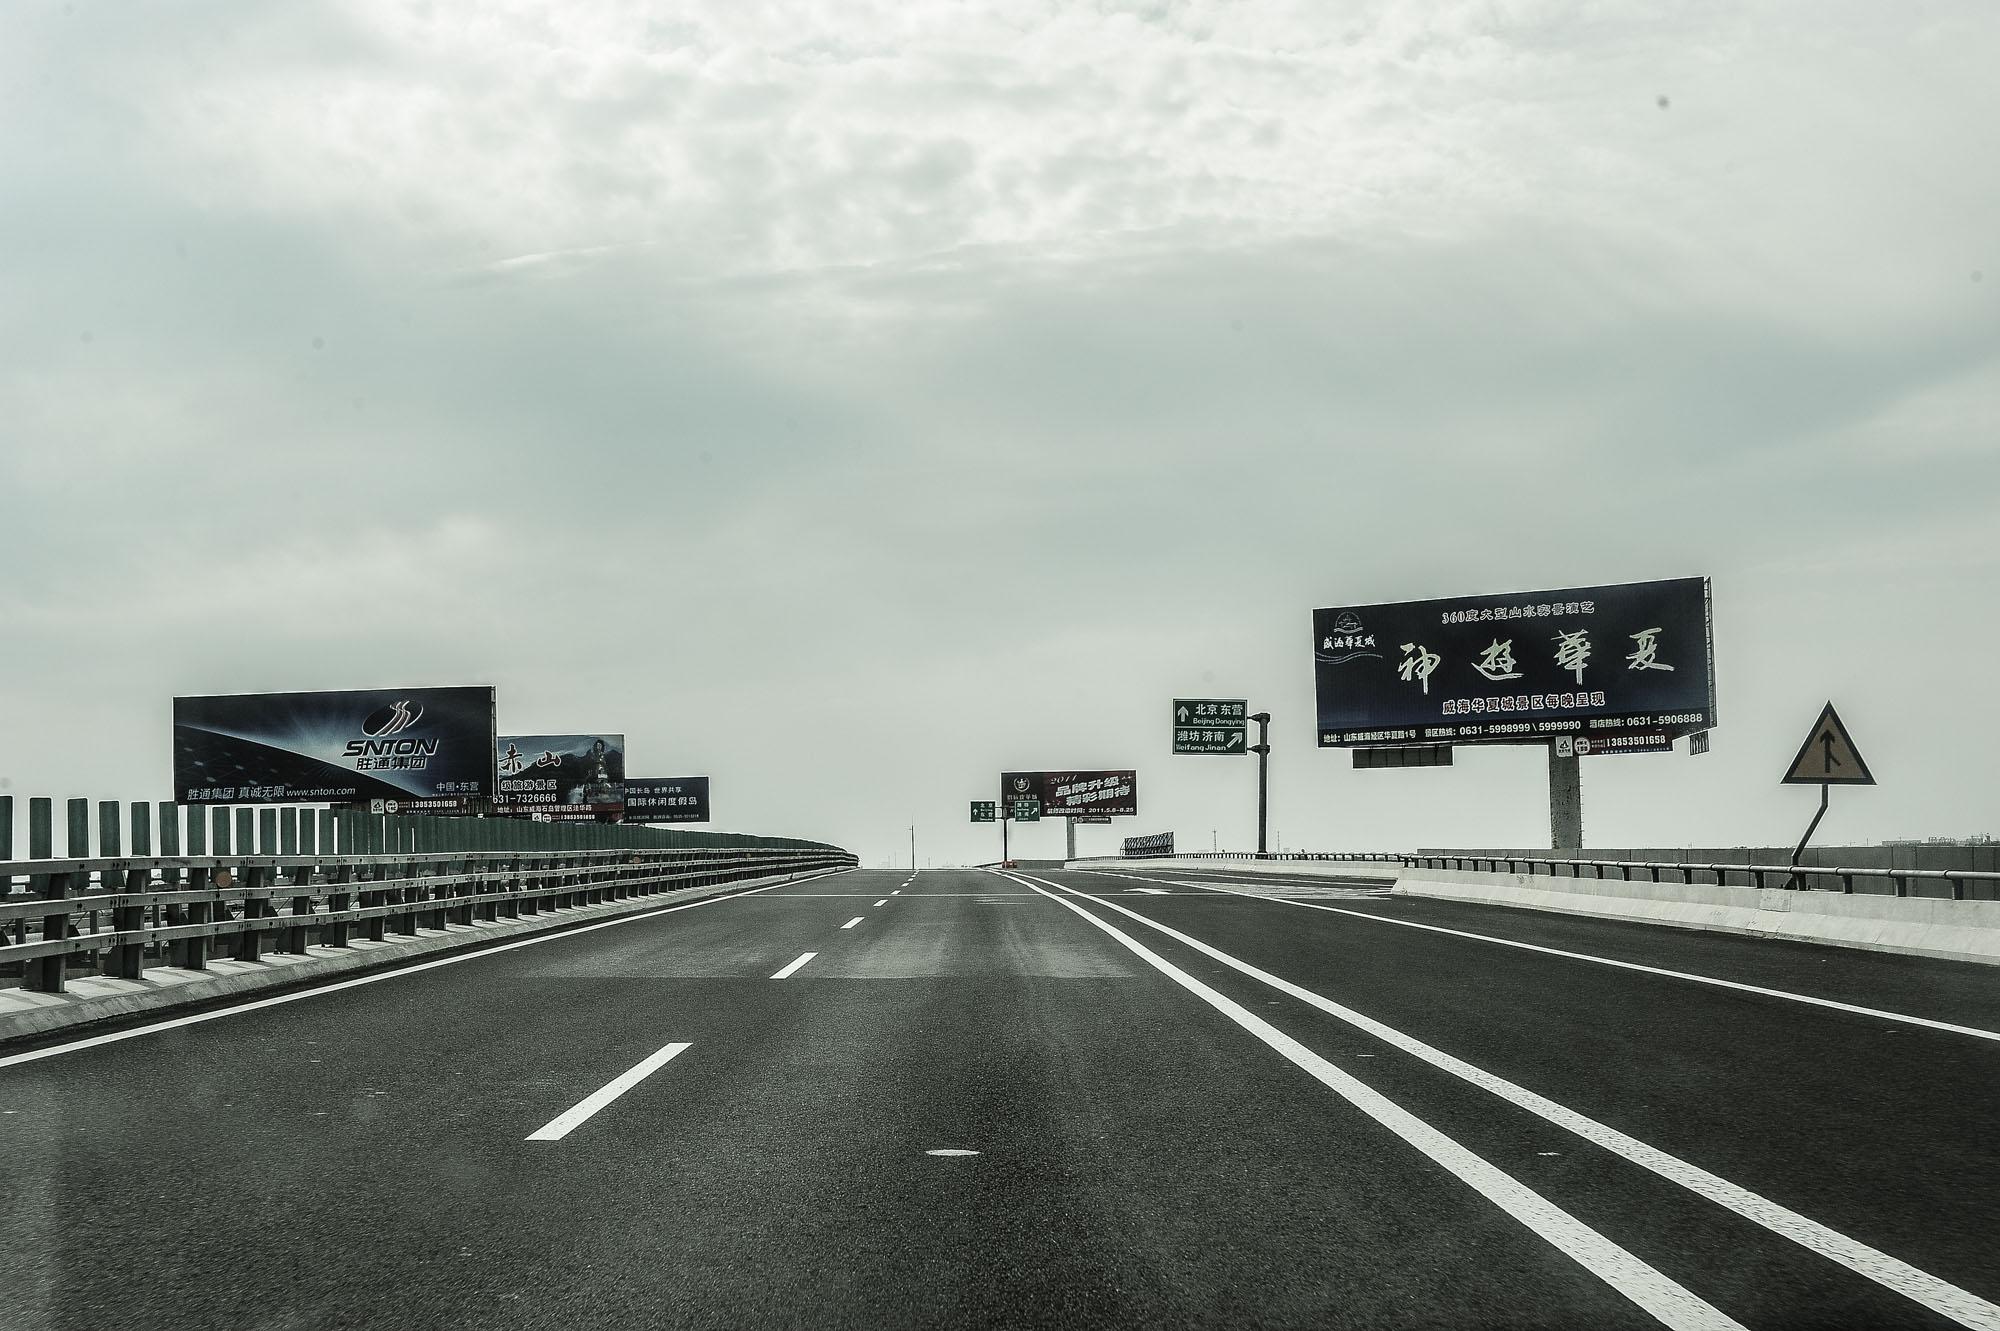 autobahn-823kl